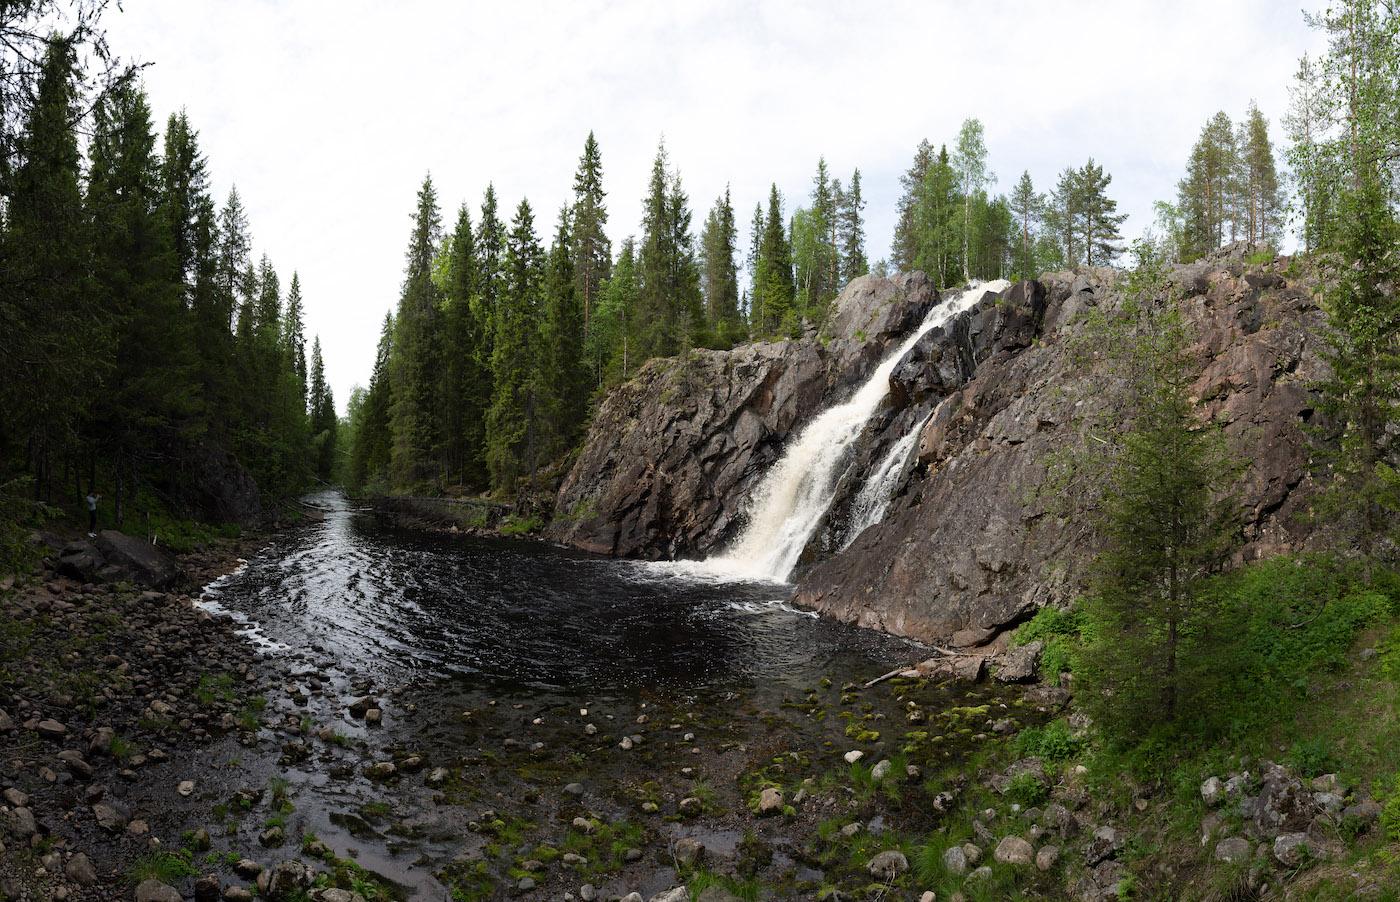 vakantie finland hepokongas waterfall